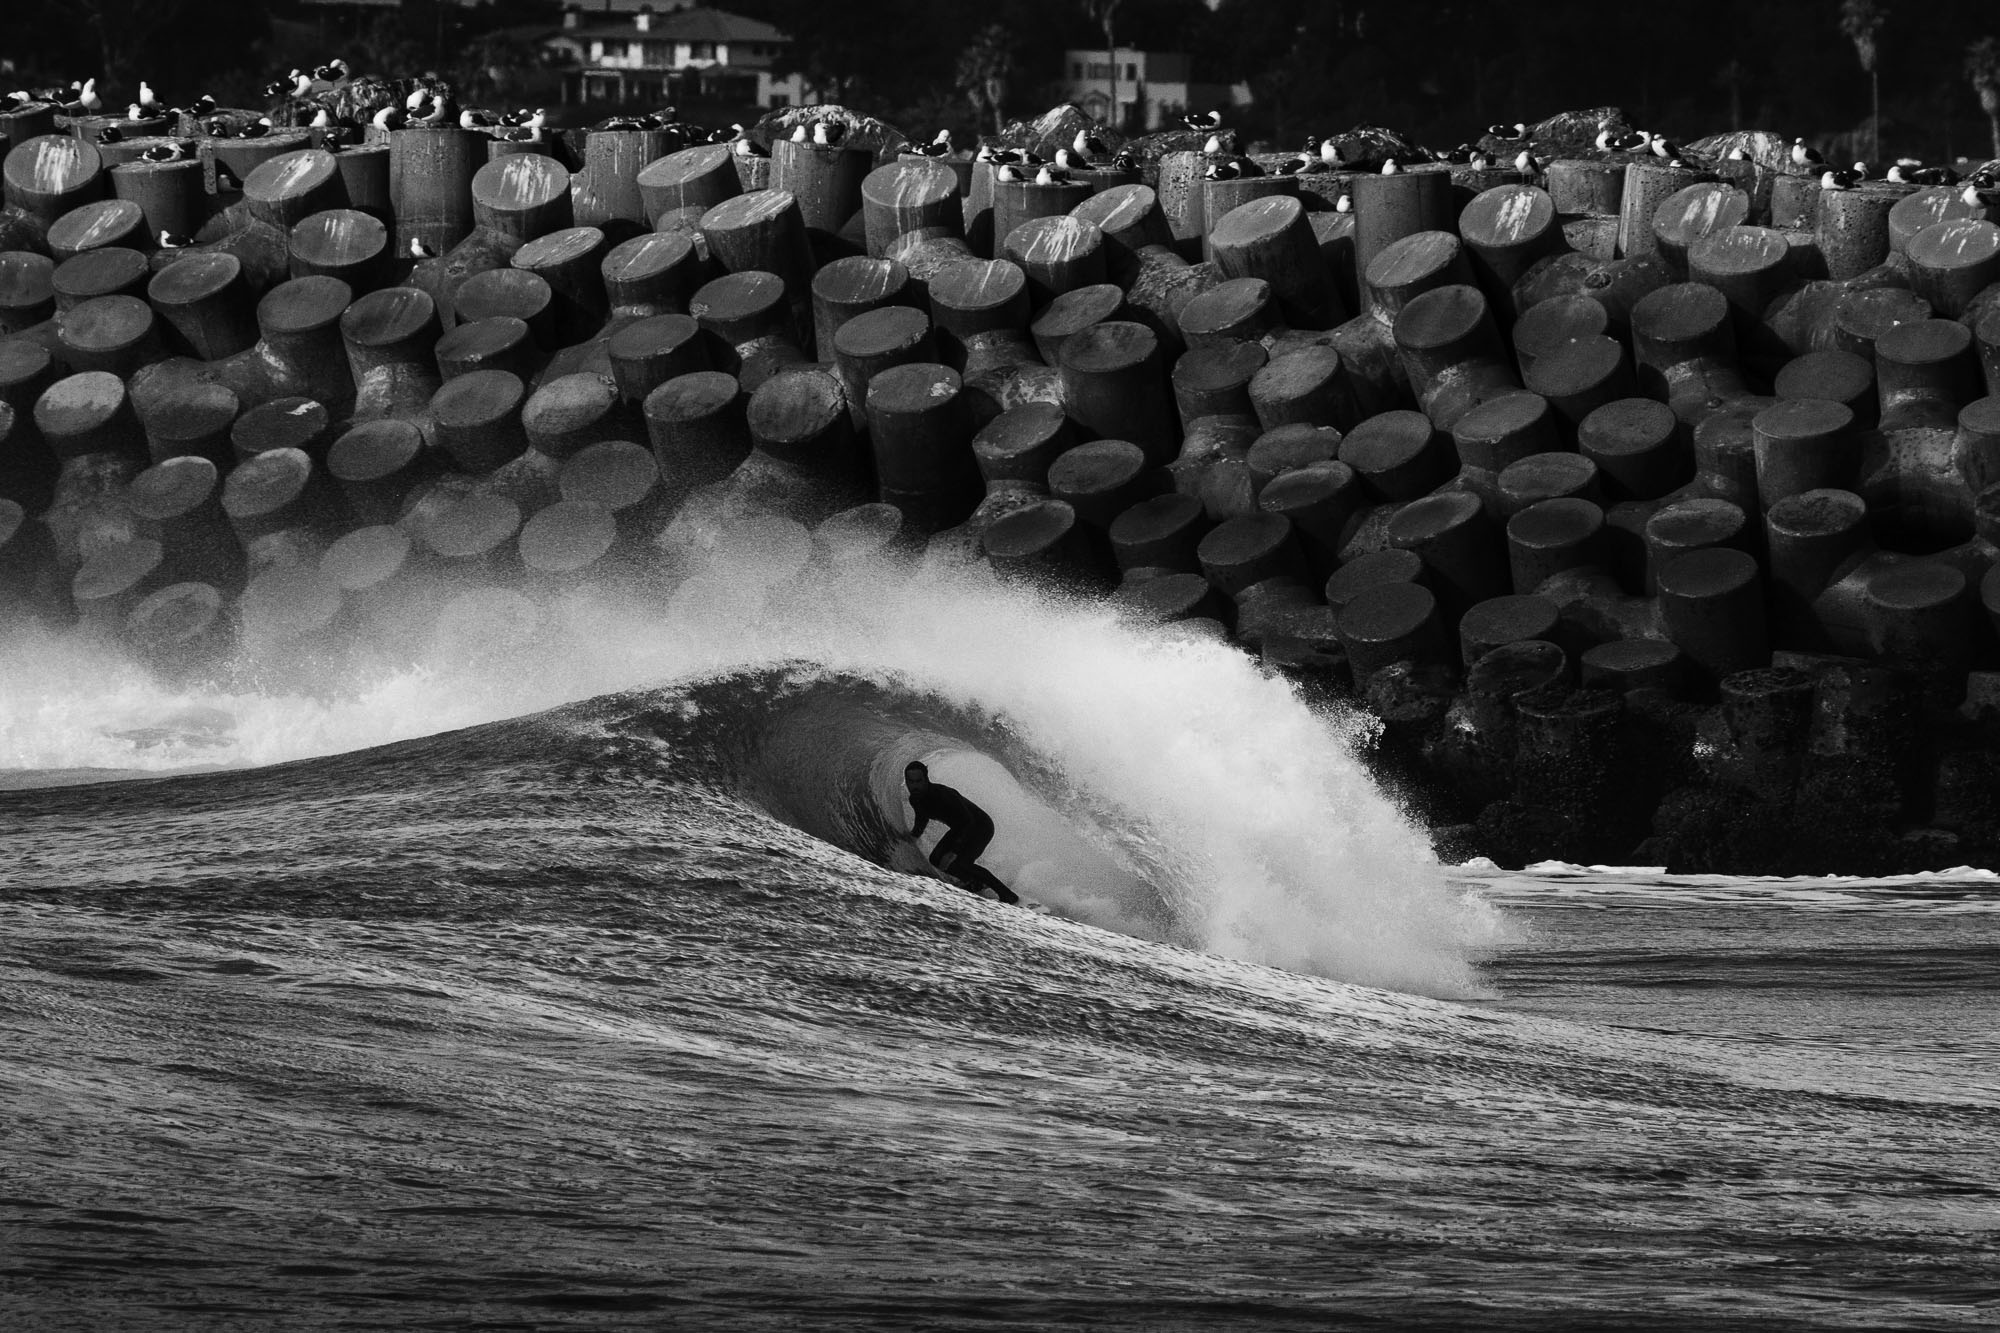 Ventura_harbor_barrel.jpg